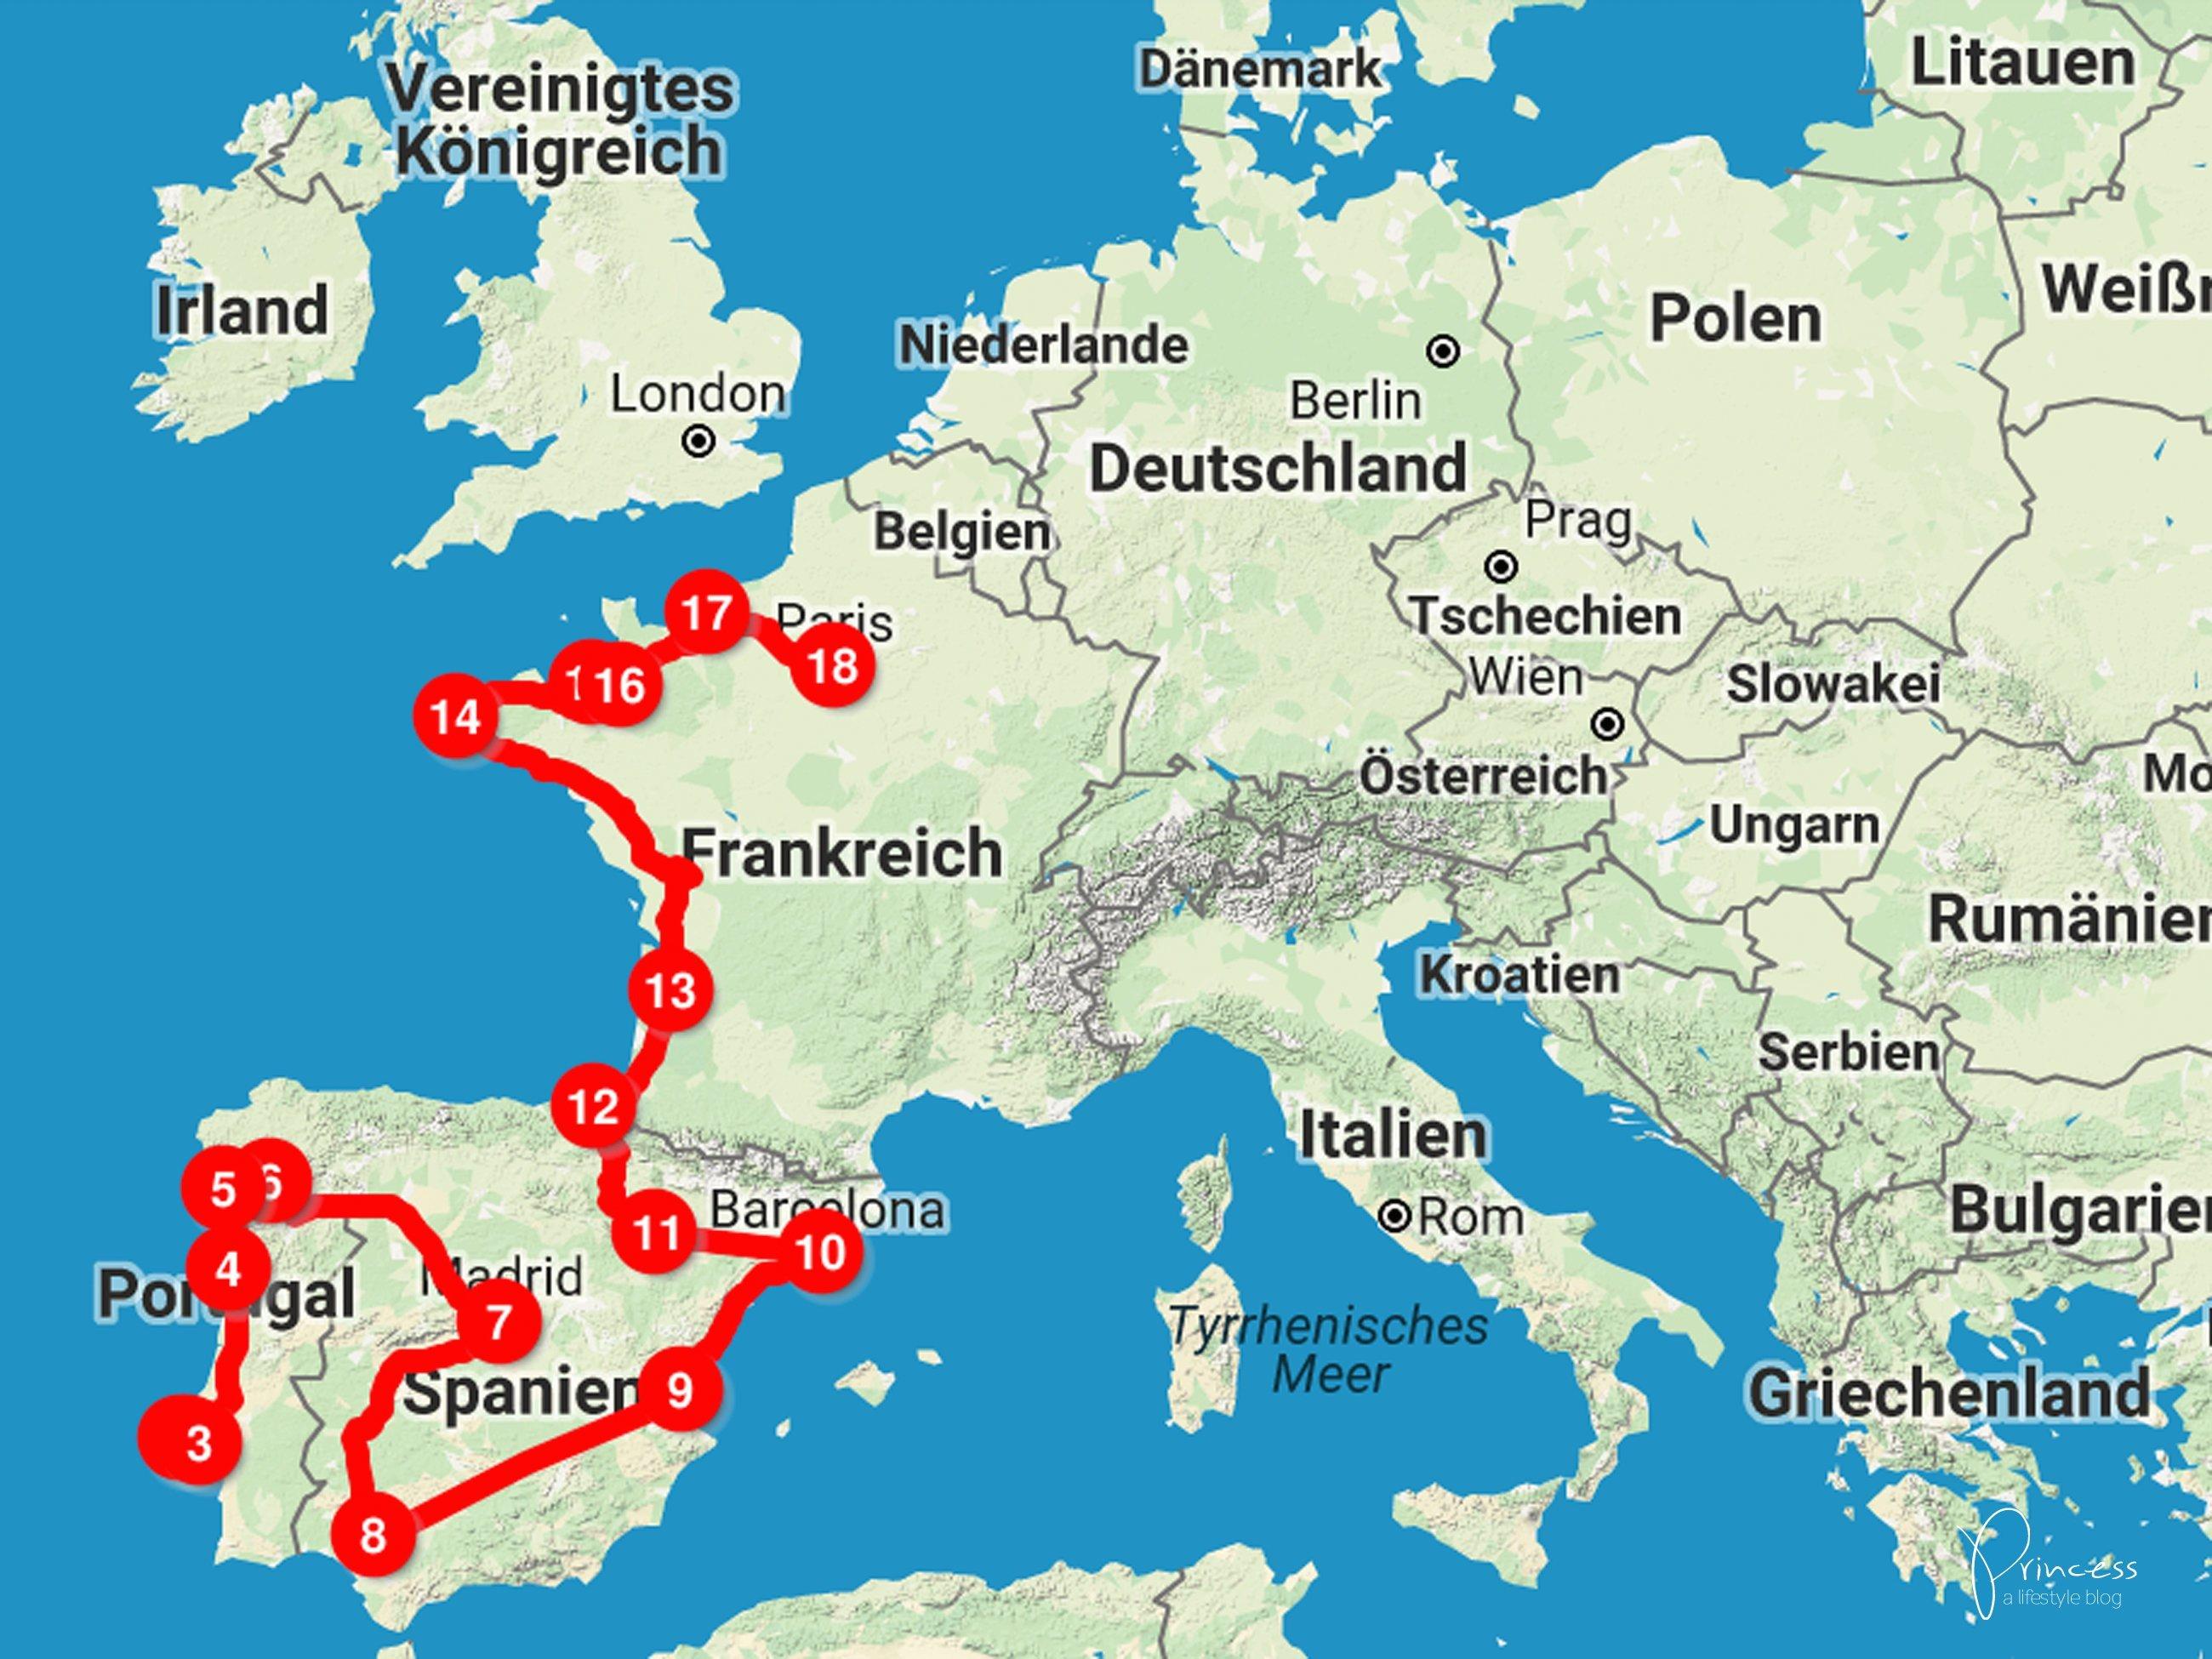 Karte Europa Asien.Eurasia By Train Von Europa Nach Asien Mit Dem Zug Reise